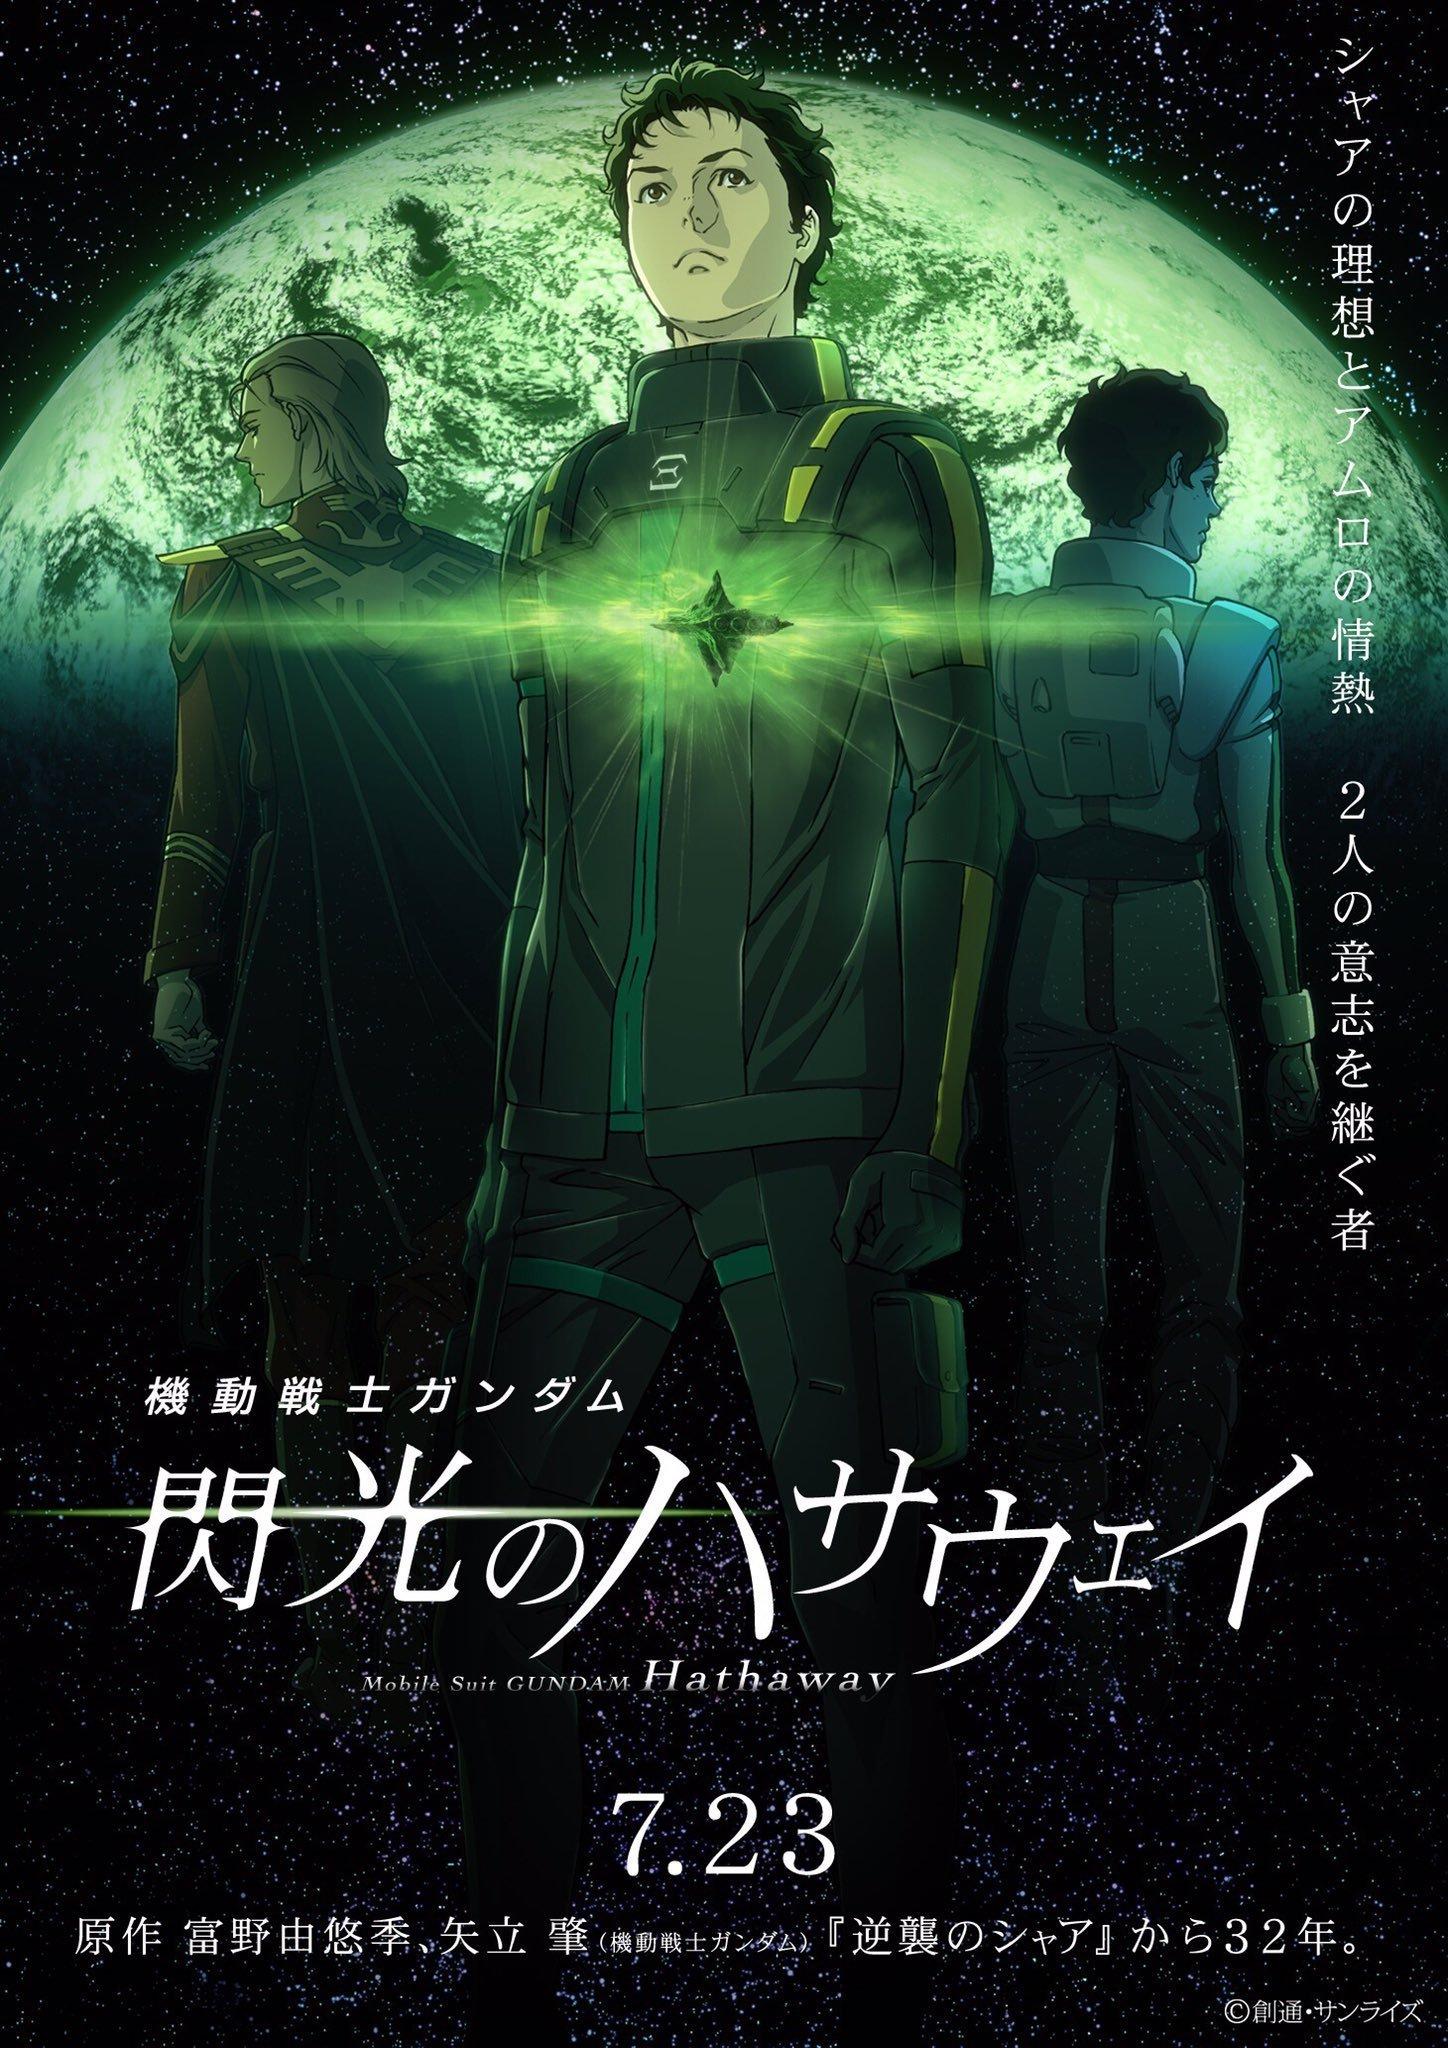 剧场版《机动战士高达:闪光的哈萨维》第2弹特报公开,7月23日上映- ACG17.COM